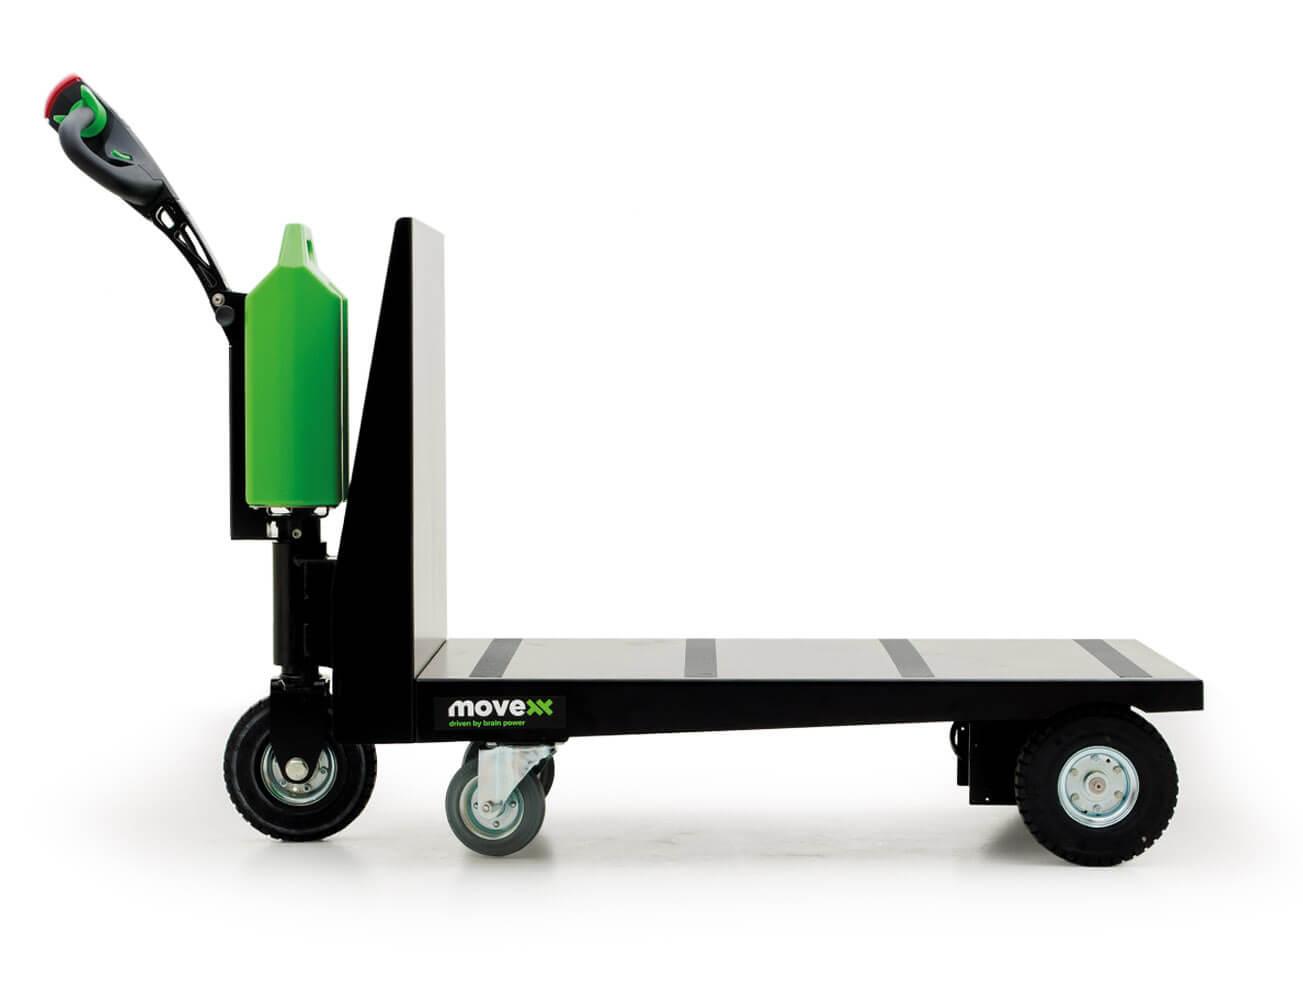 elektrický ručně vedený plošinový vozík P300 800x1200 se snadno vyměnitelnou lithiovou baterií, foto z profilu